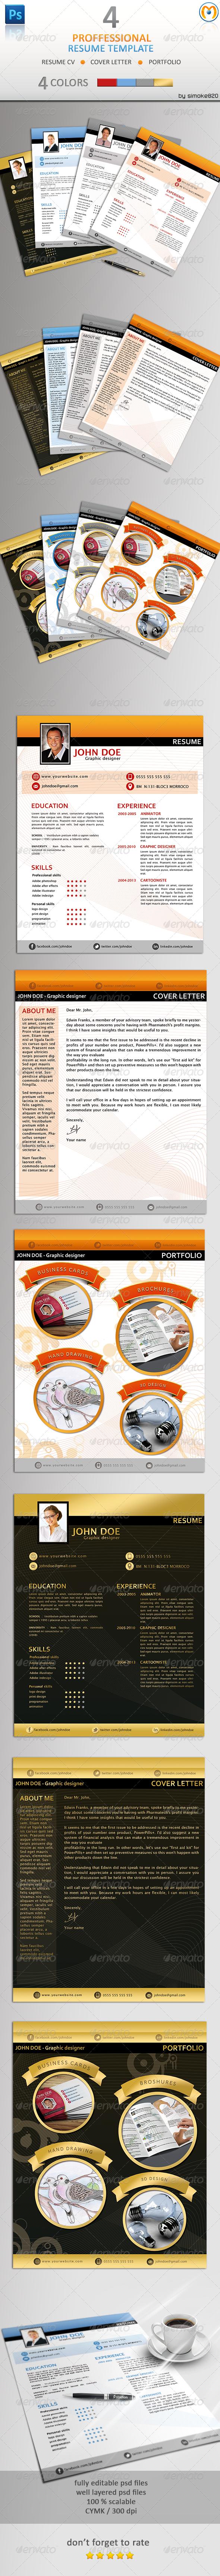 Professional Resume - CV - V.2 - Resumes Stationery